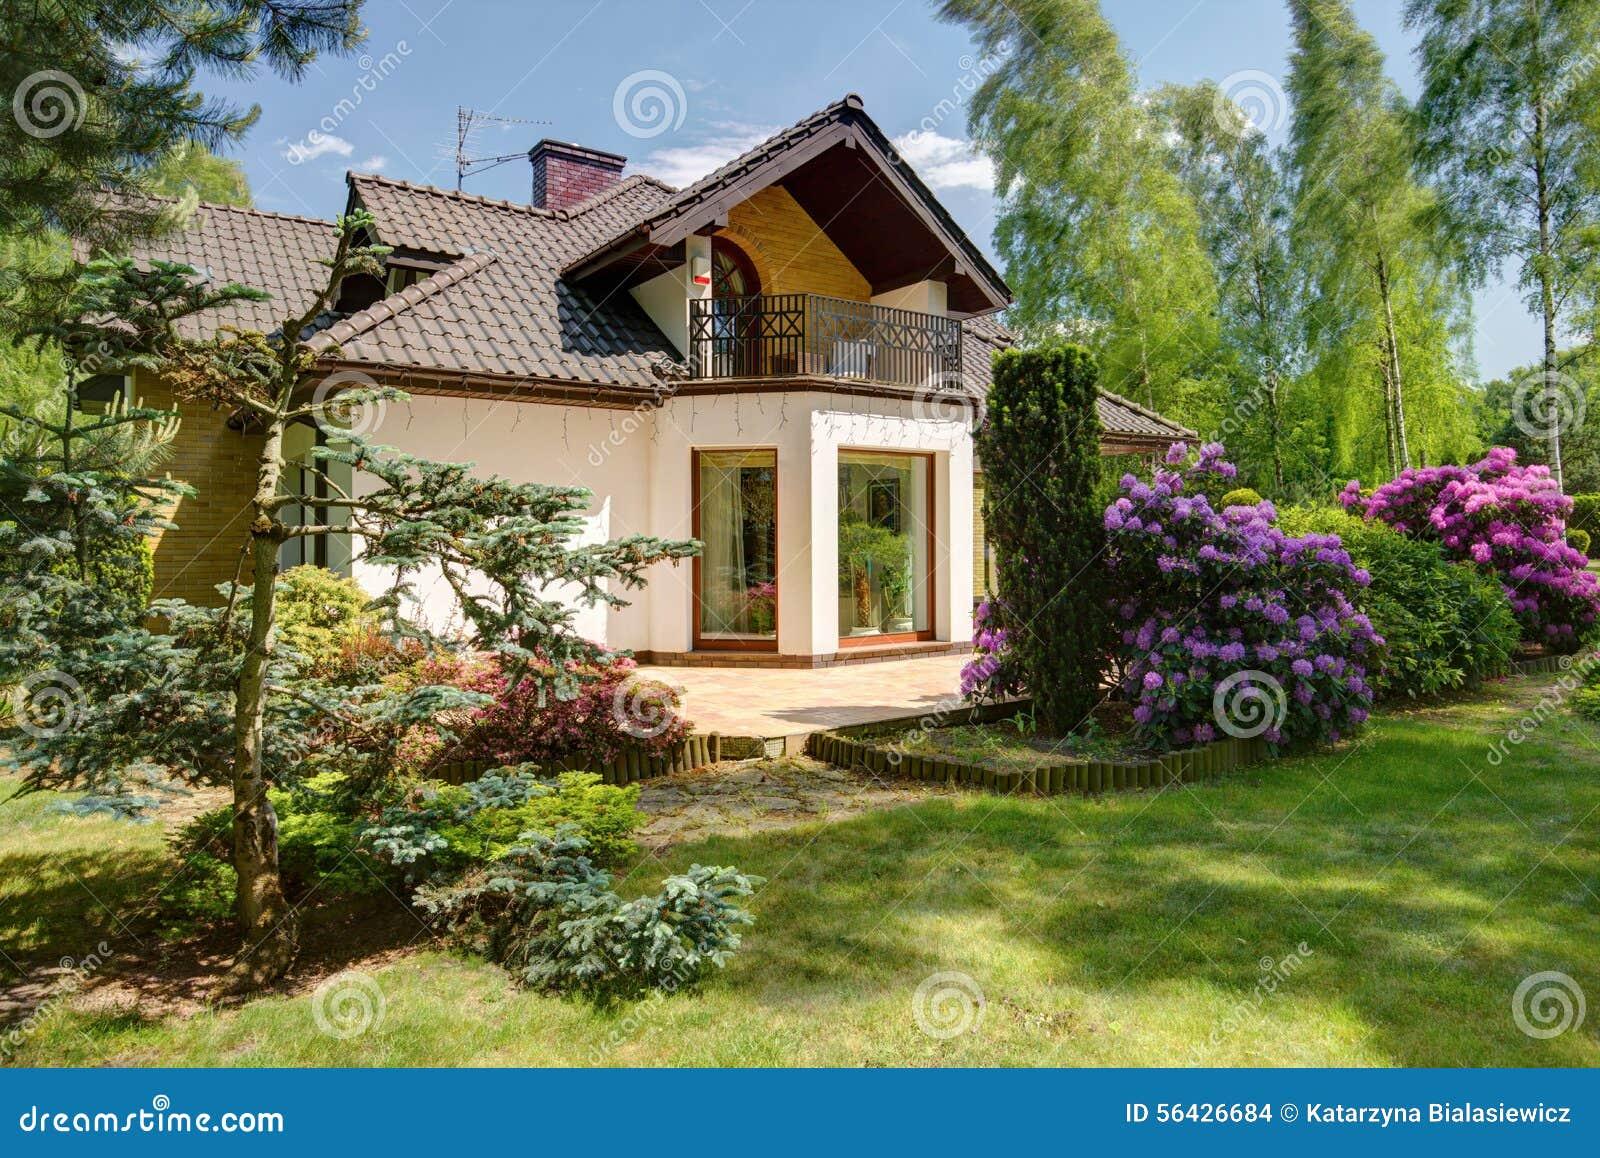 Detached house and beauty garden stock photo image 56426684 for Immagini di piccoli giardini